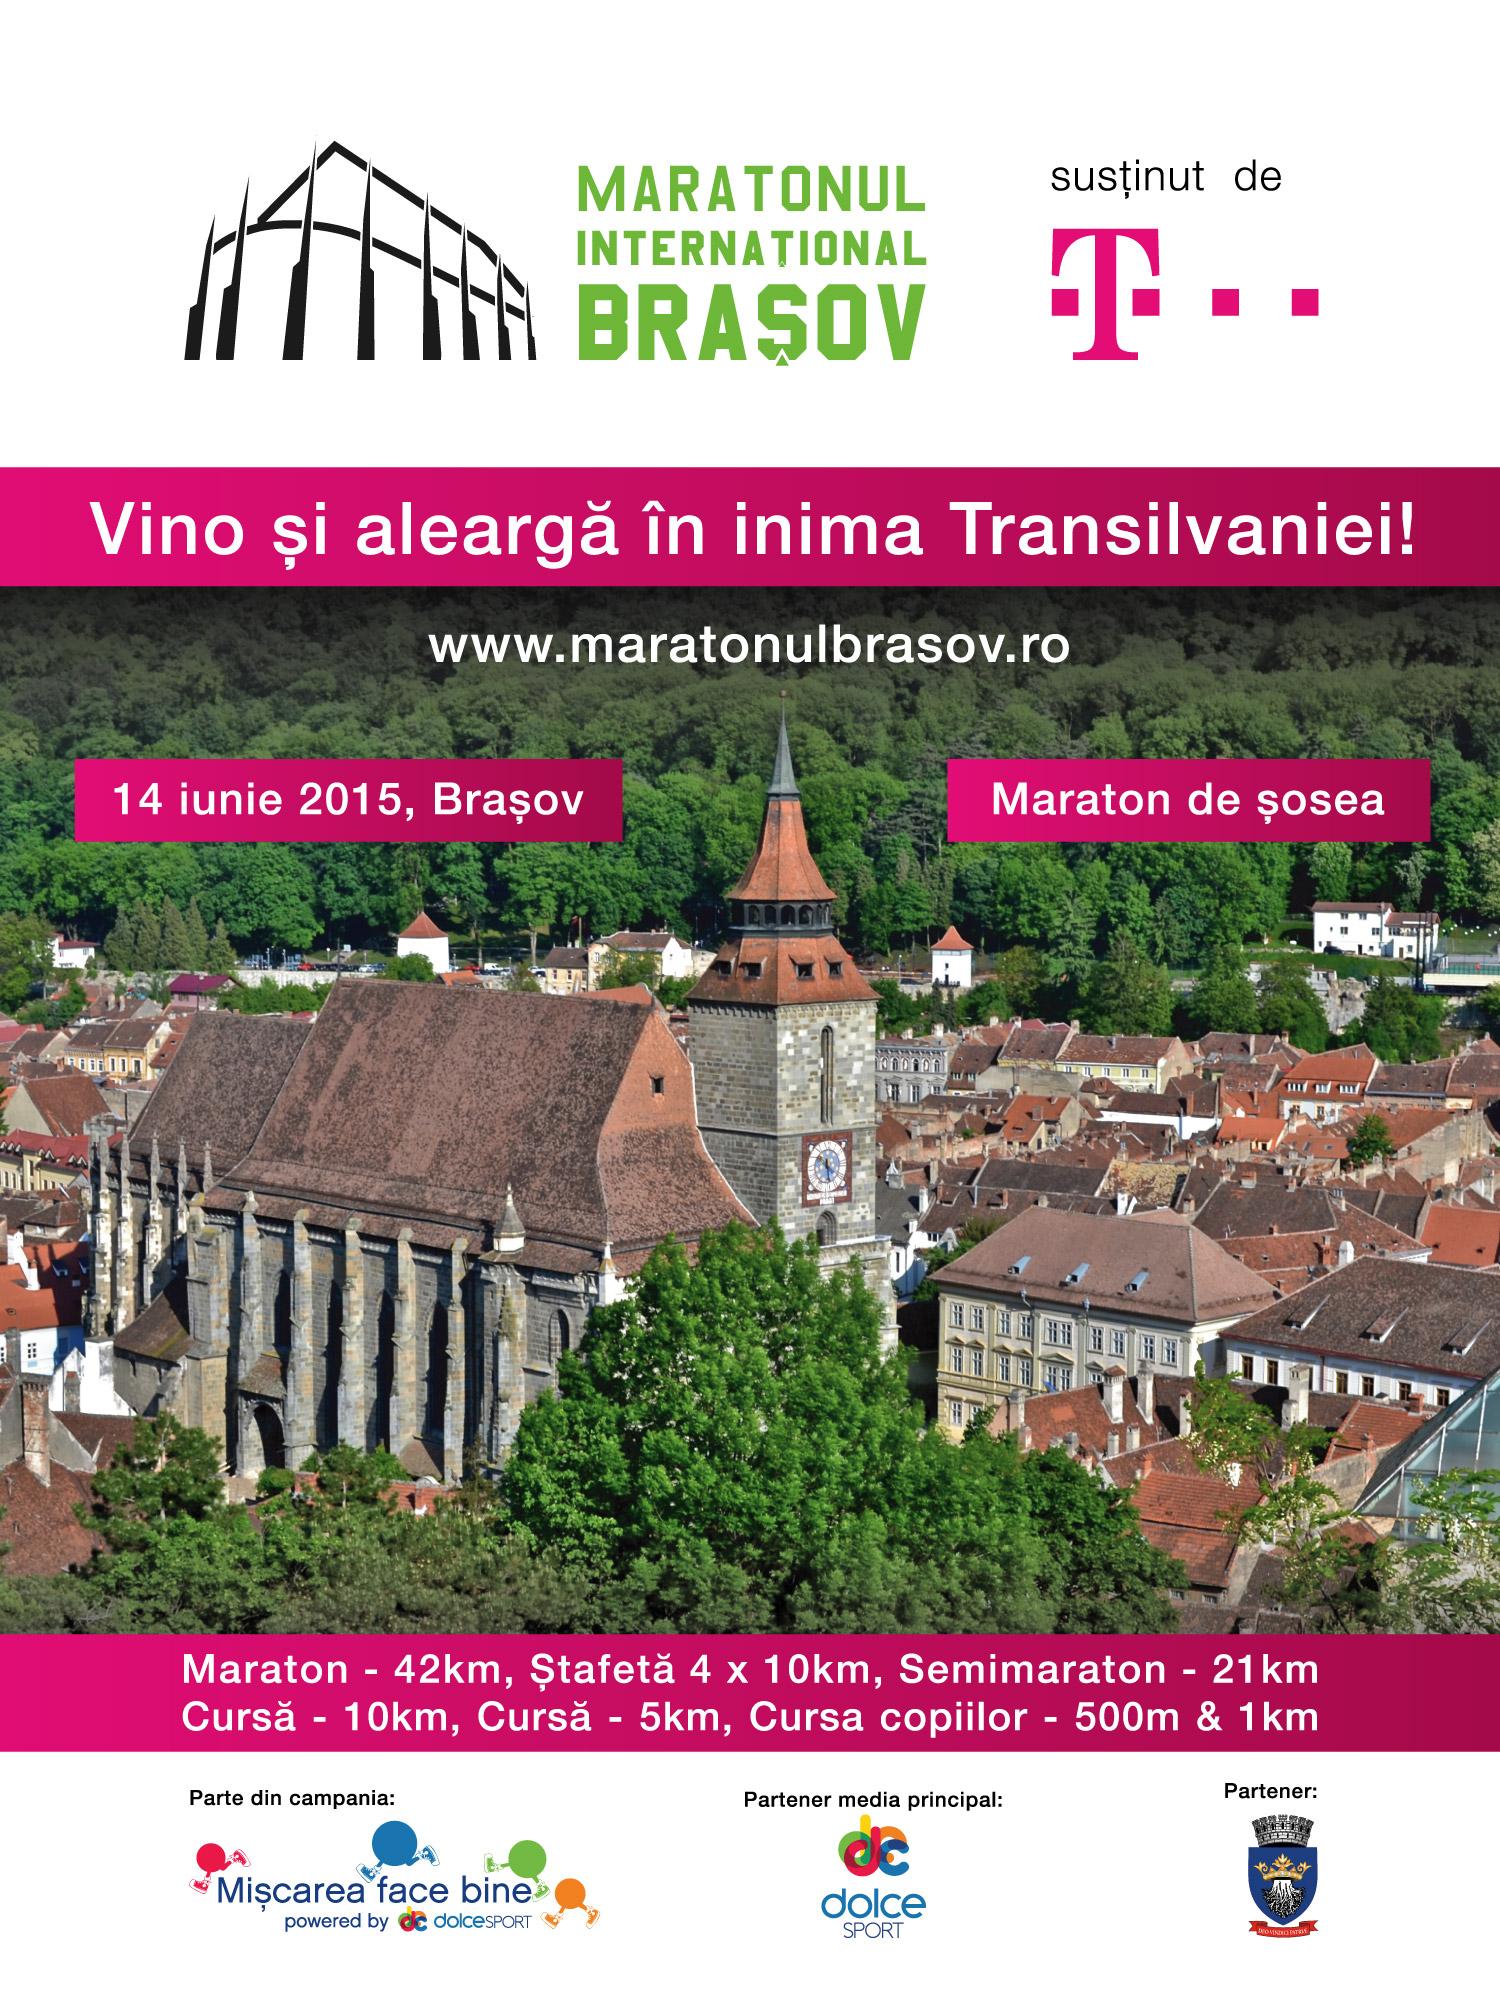 Premieră: Maratonul Internaţional Braşov, alergare pe șosea, în inima Transilvaniei!